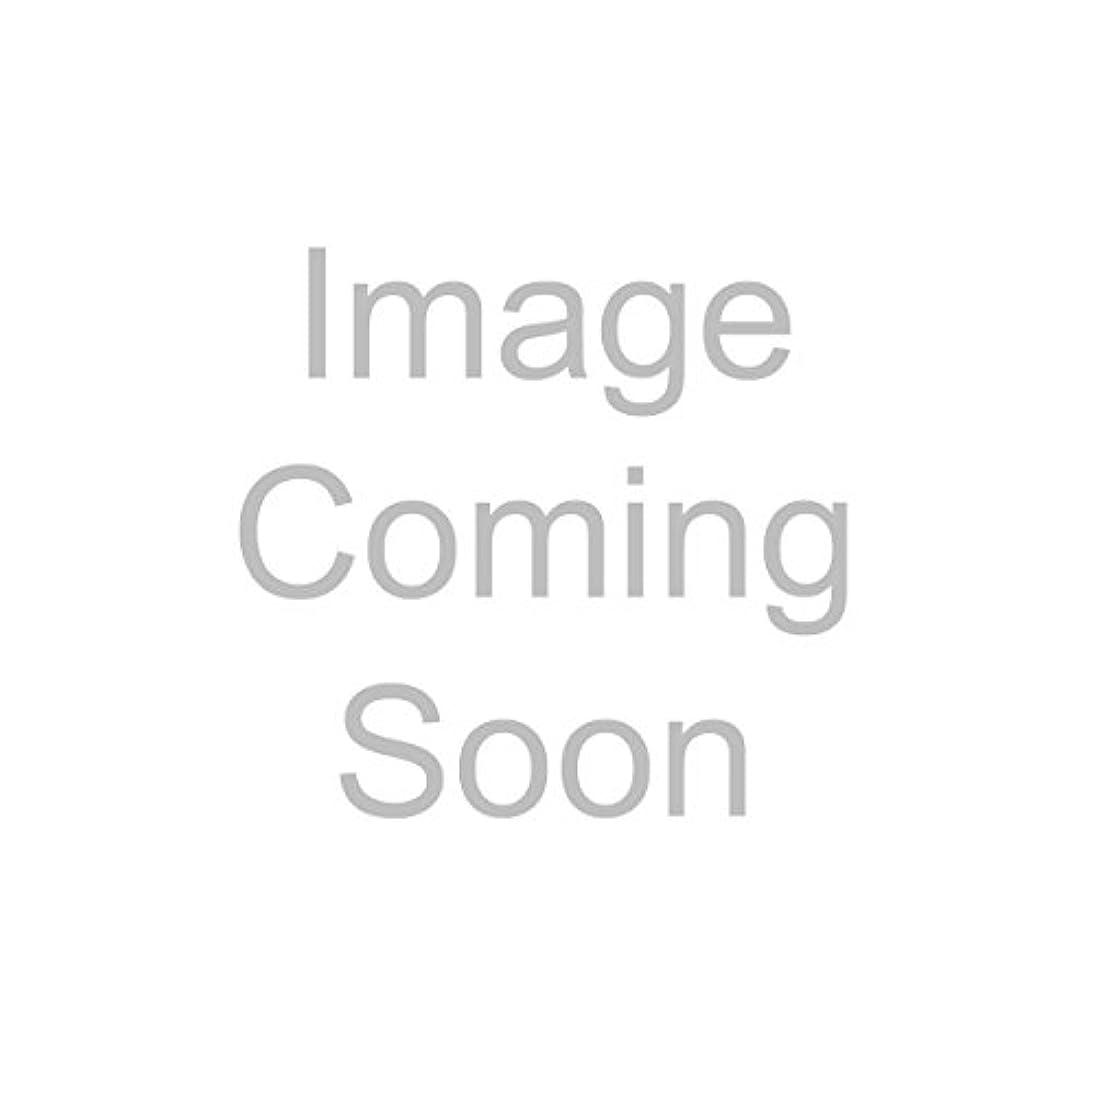 エキスパート補助防ぐNarciso Rodriguez For Her L'Absolu(ナルシソ ロドリゲス フォー ハー ル アブソル) 3.3 oz (100ml) EDT Spray for Women